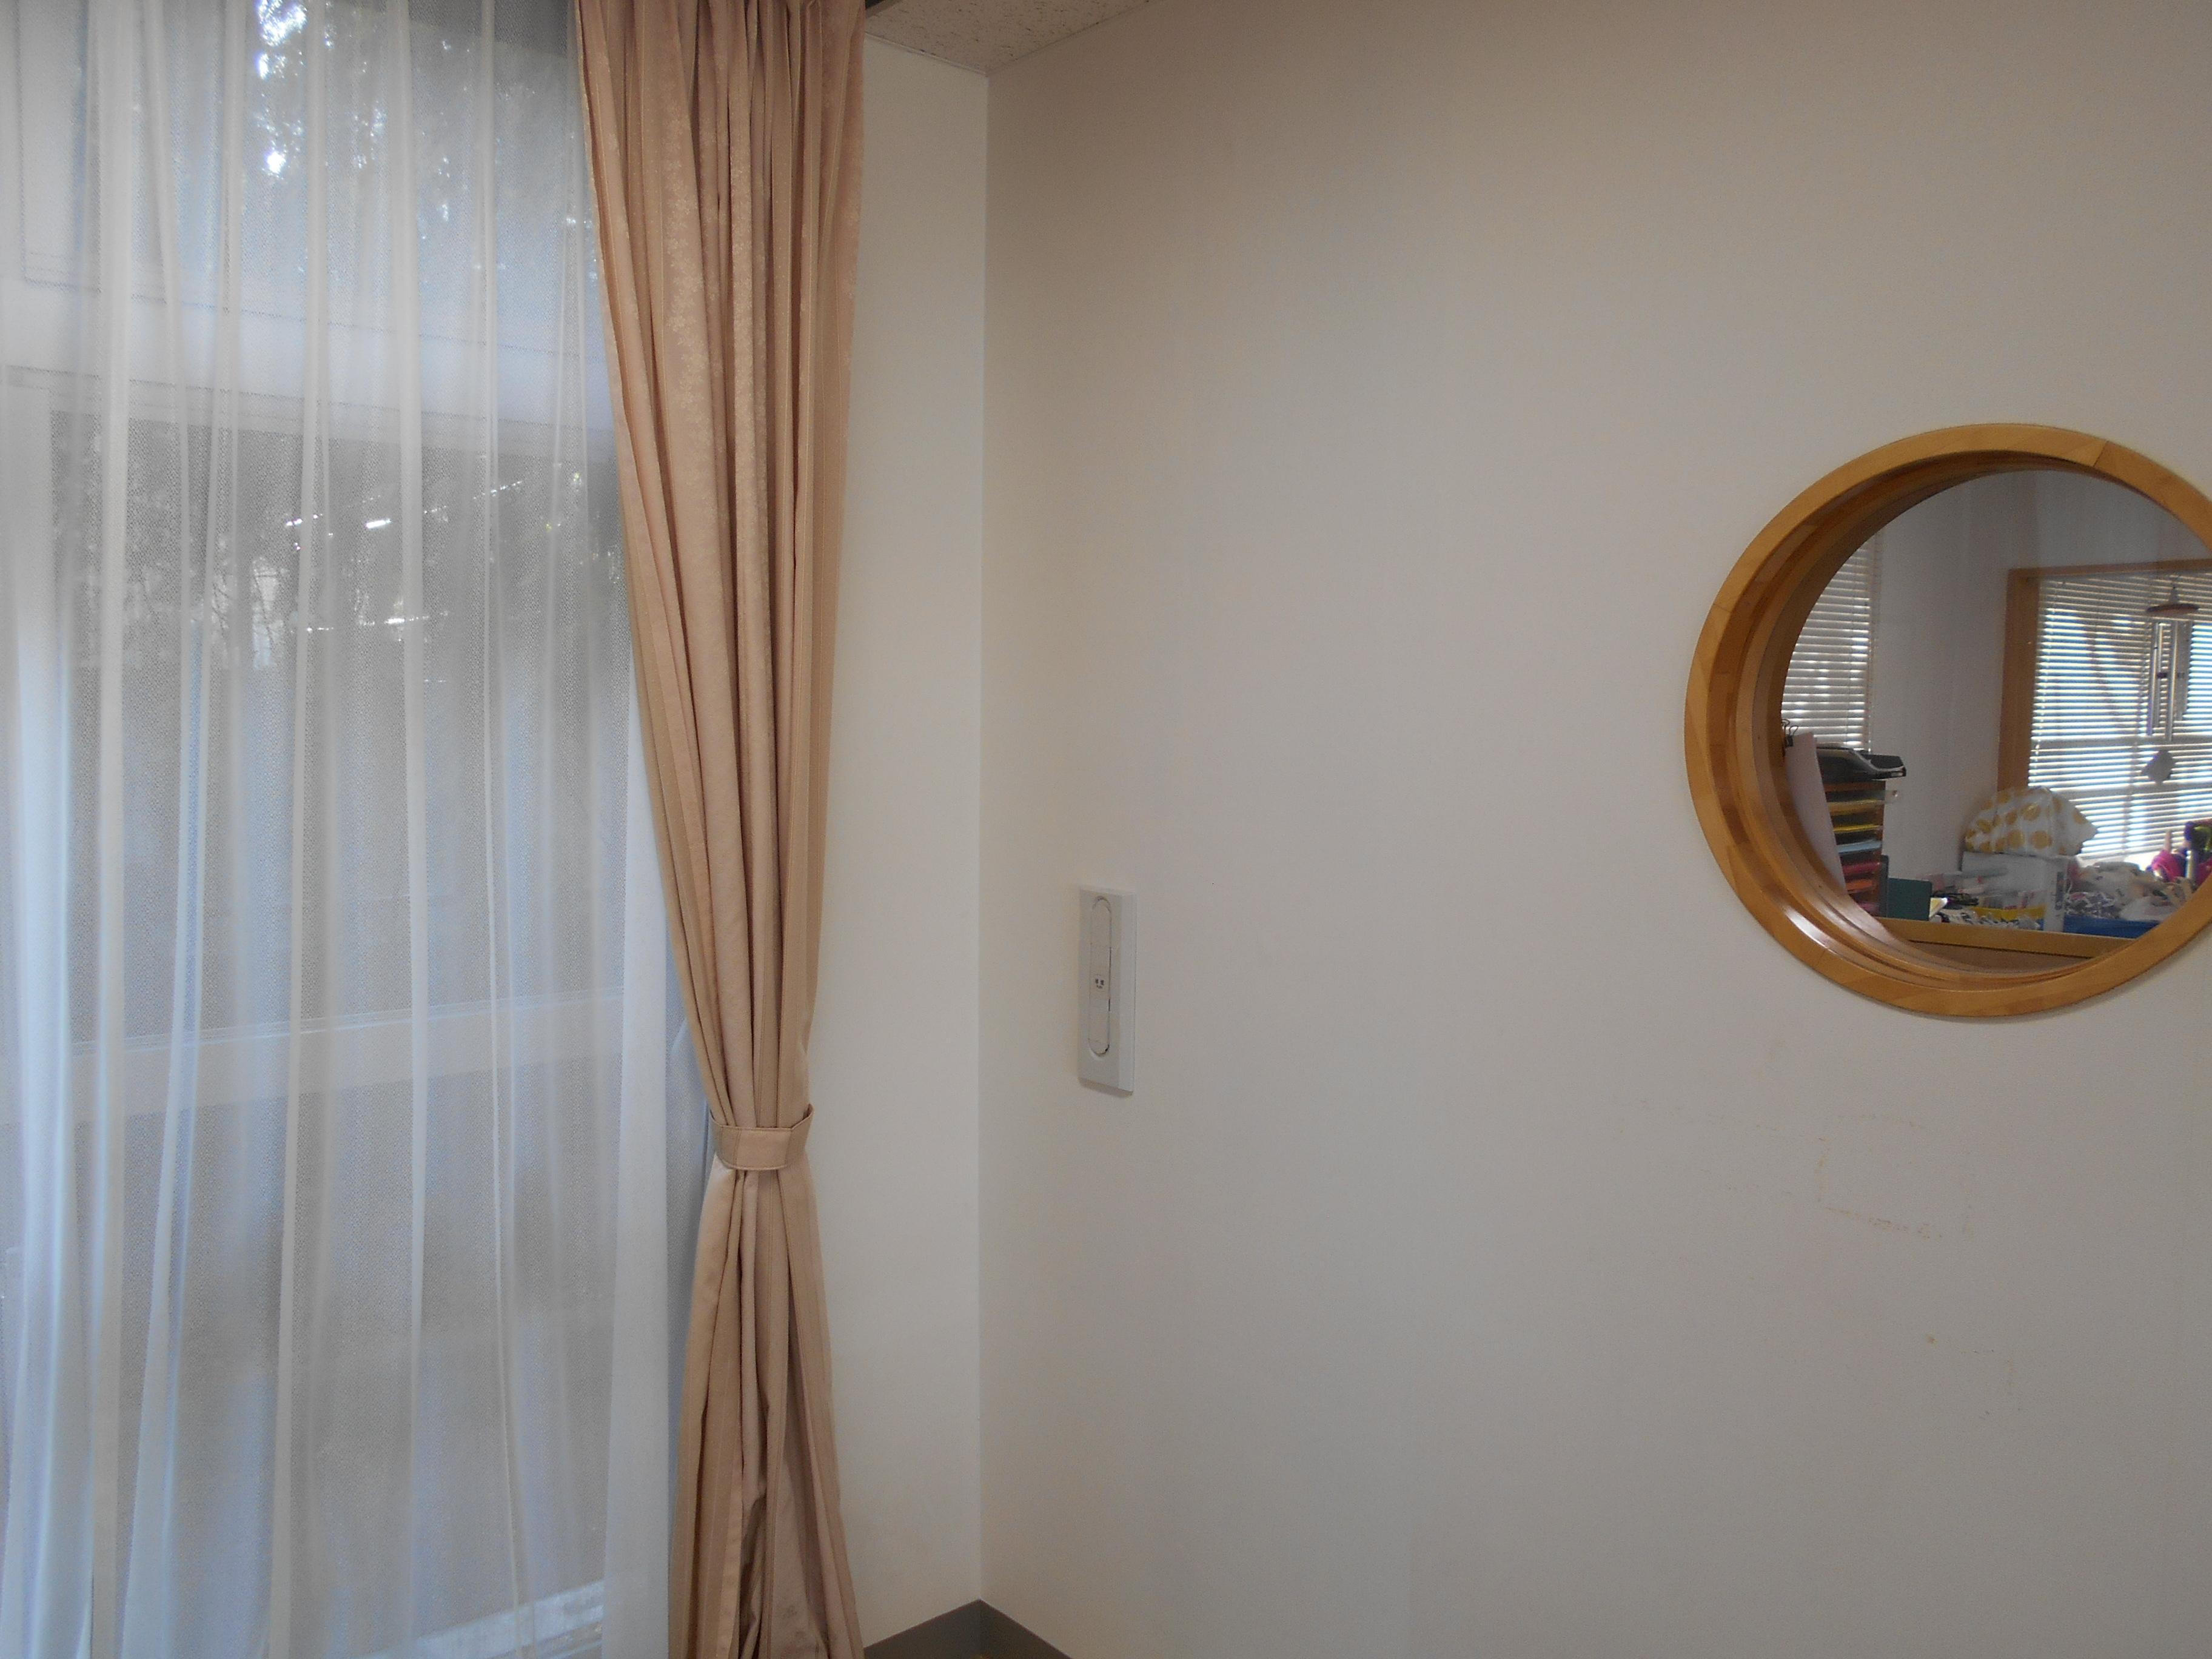 宝塚市 施設 クロス貼替え工事イメージ01